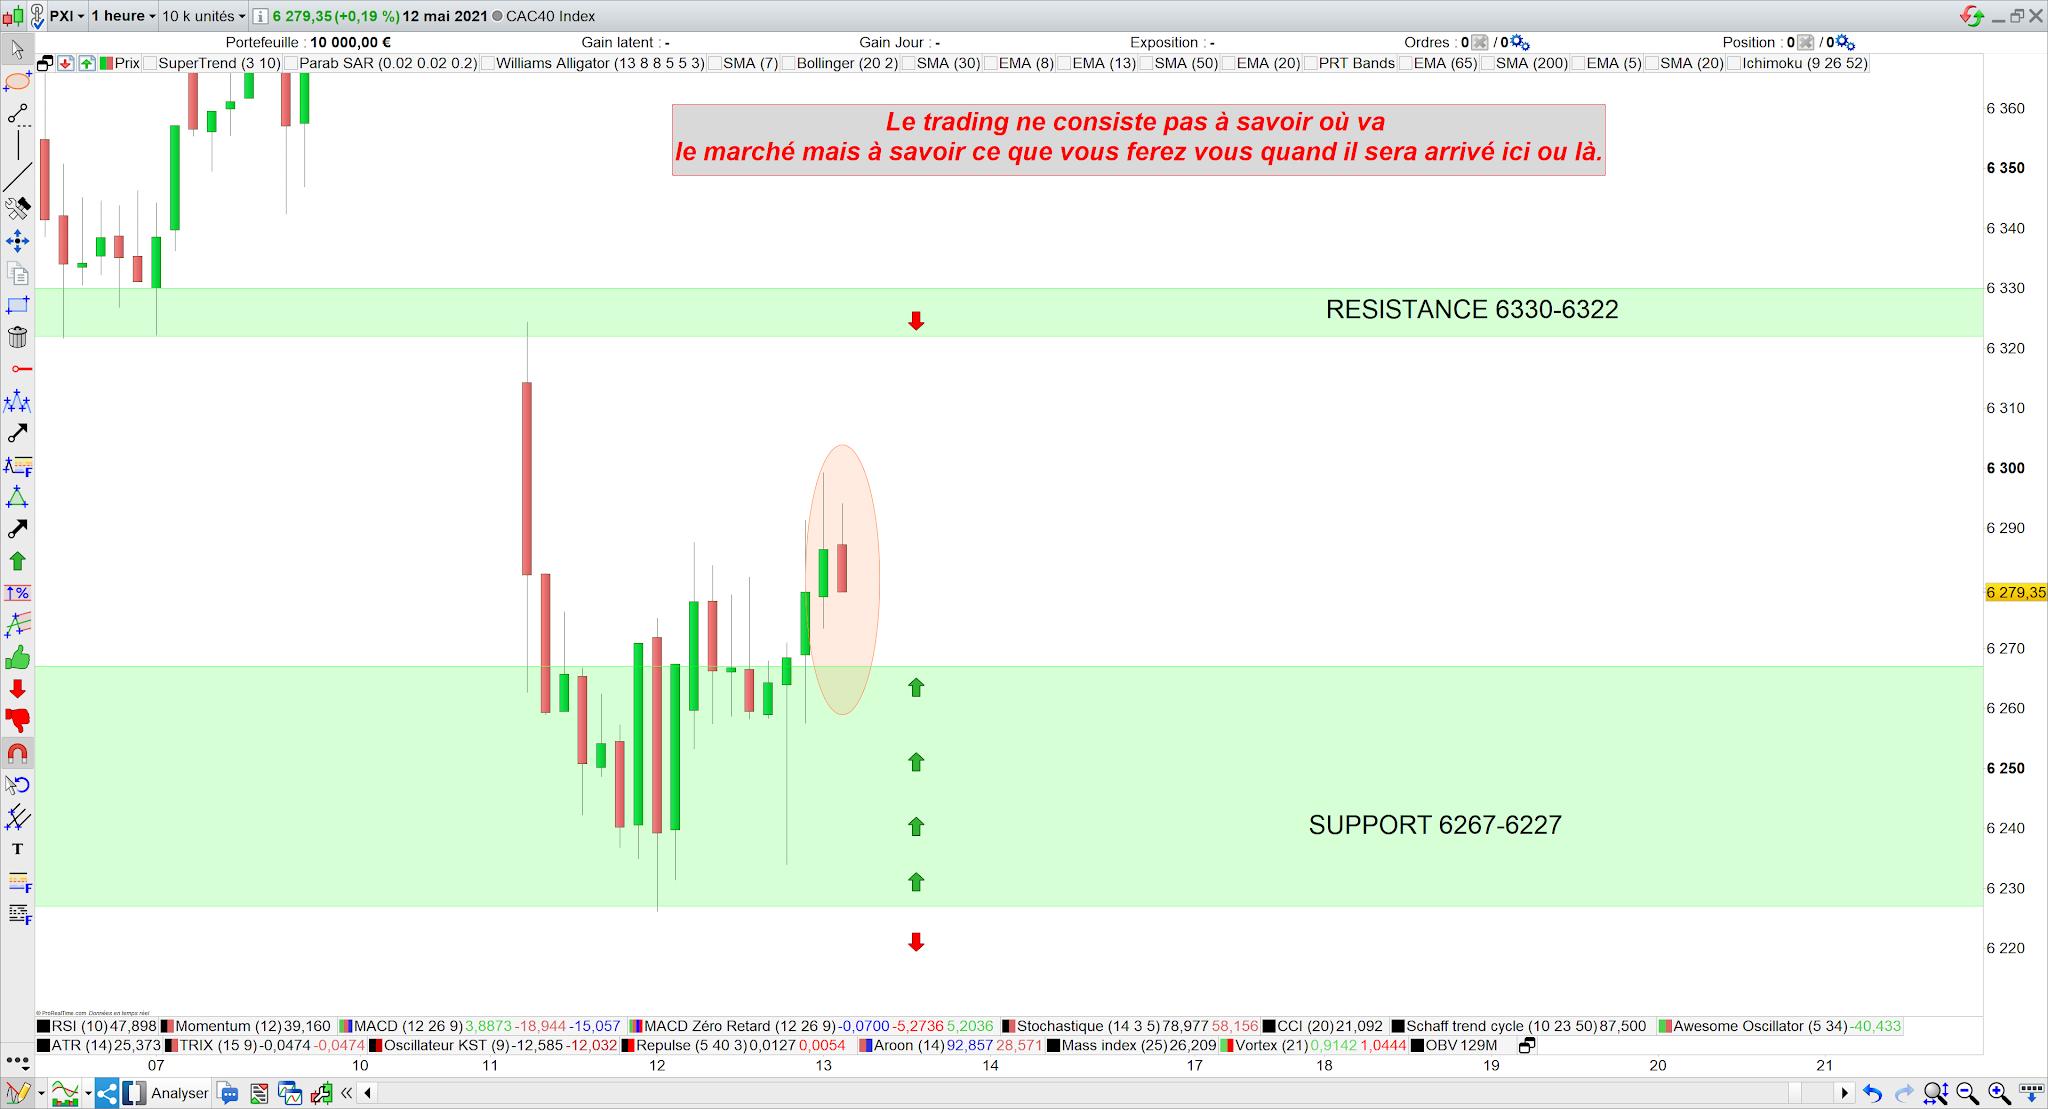 Trading cac40 13 mai 21